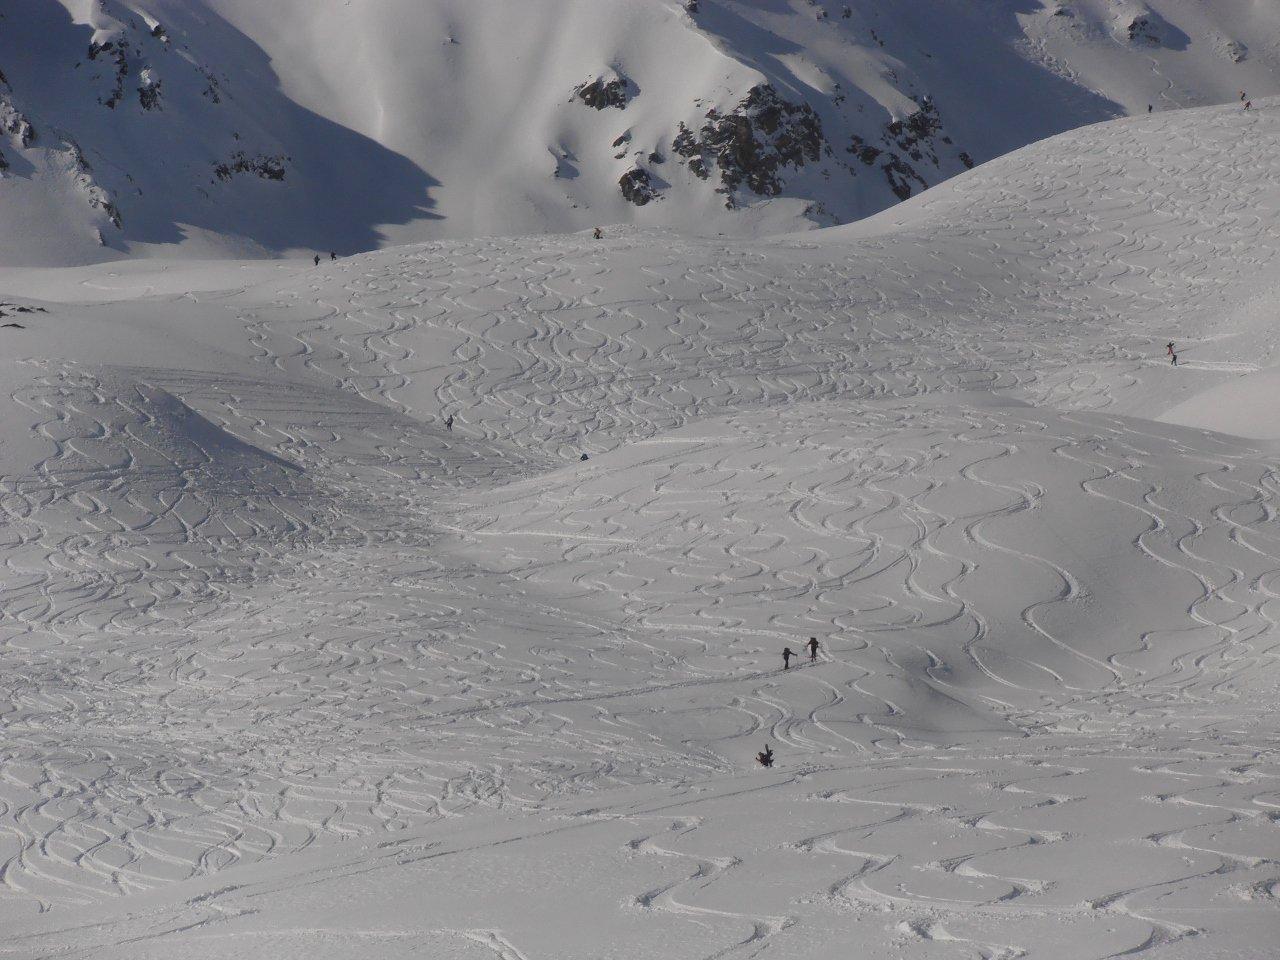 02 - una montagna completamente ricamata dagli scialpinisti